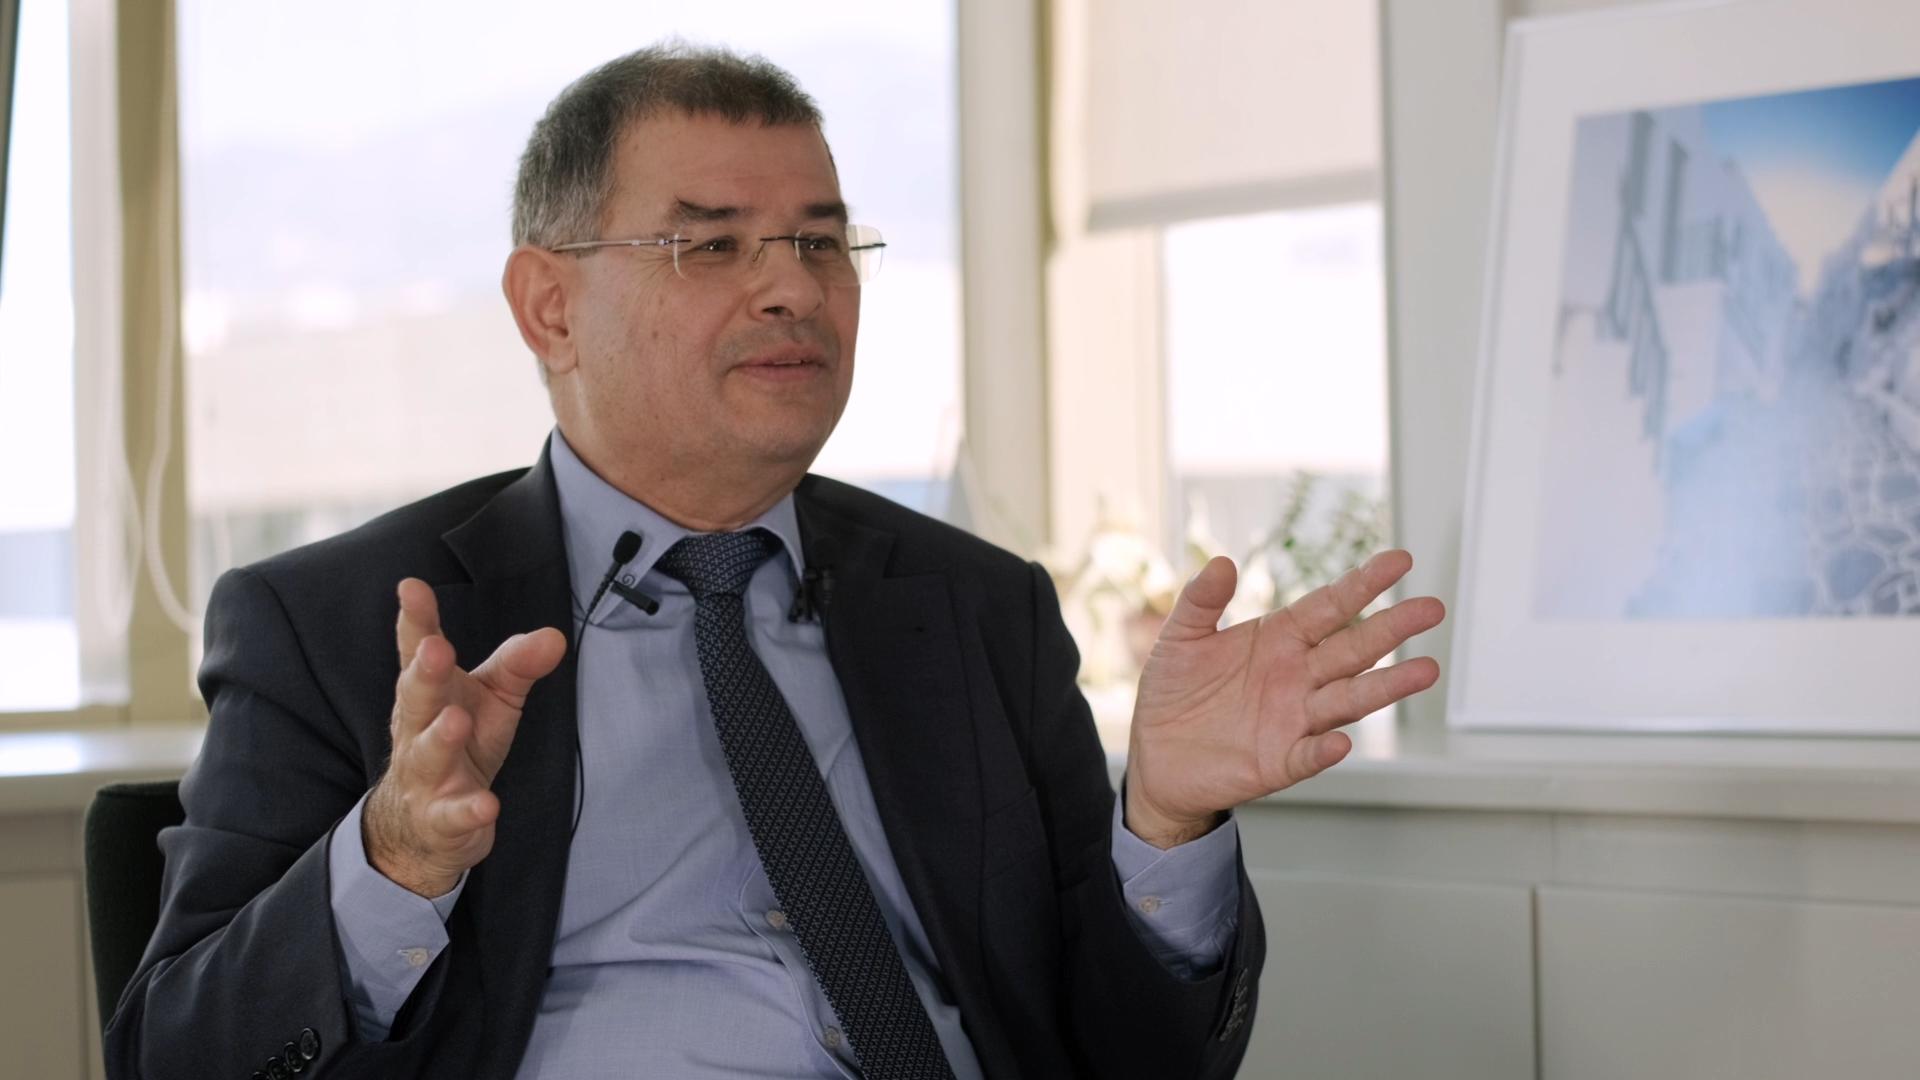 """Гендиректор Hellenic Petroleum Upstream S.A.: """"Во время кризиса мы инвестировали более 3 млрд евро"""""""